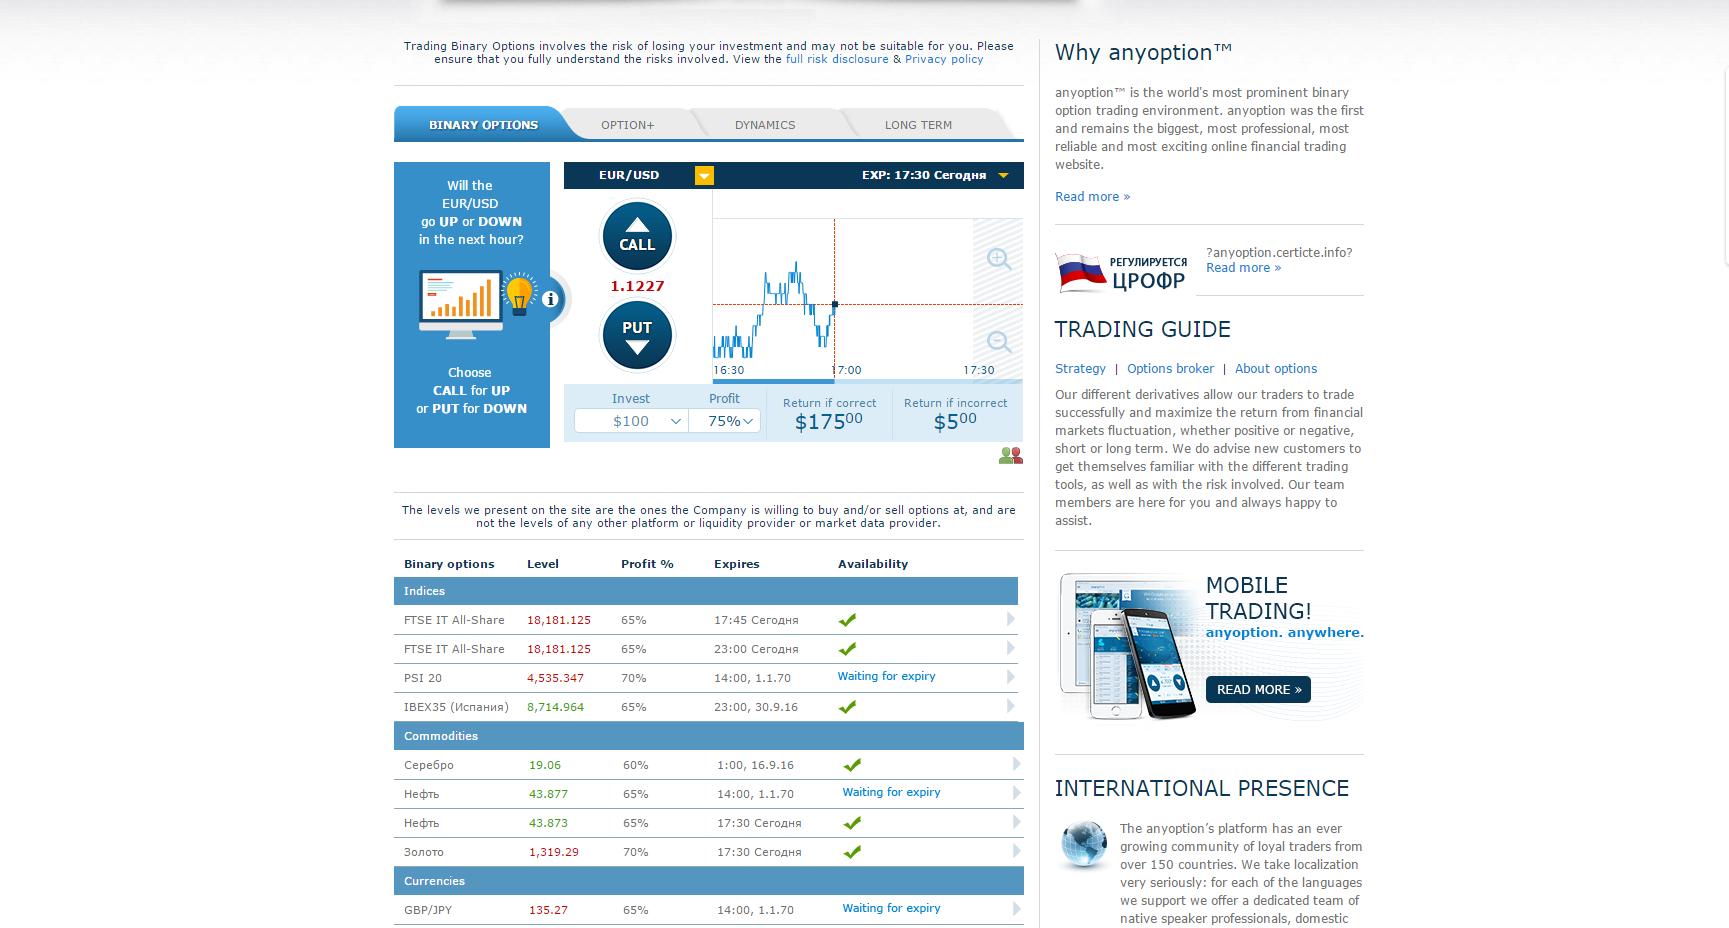 Billigster online broker schweiz